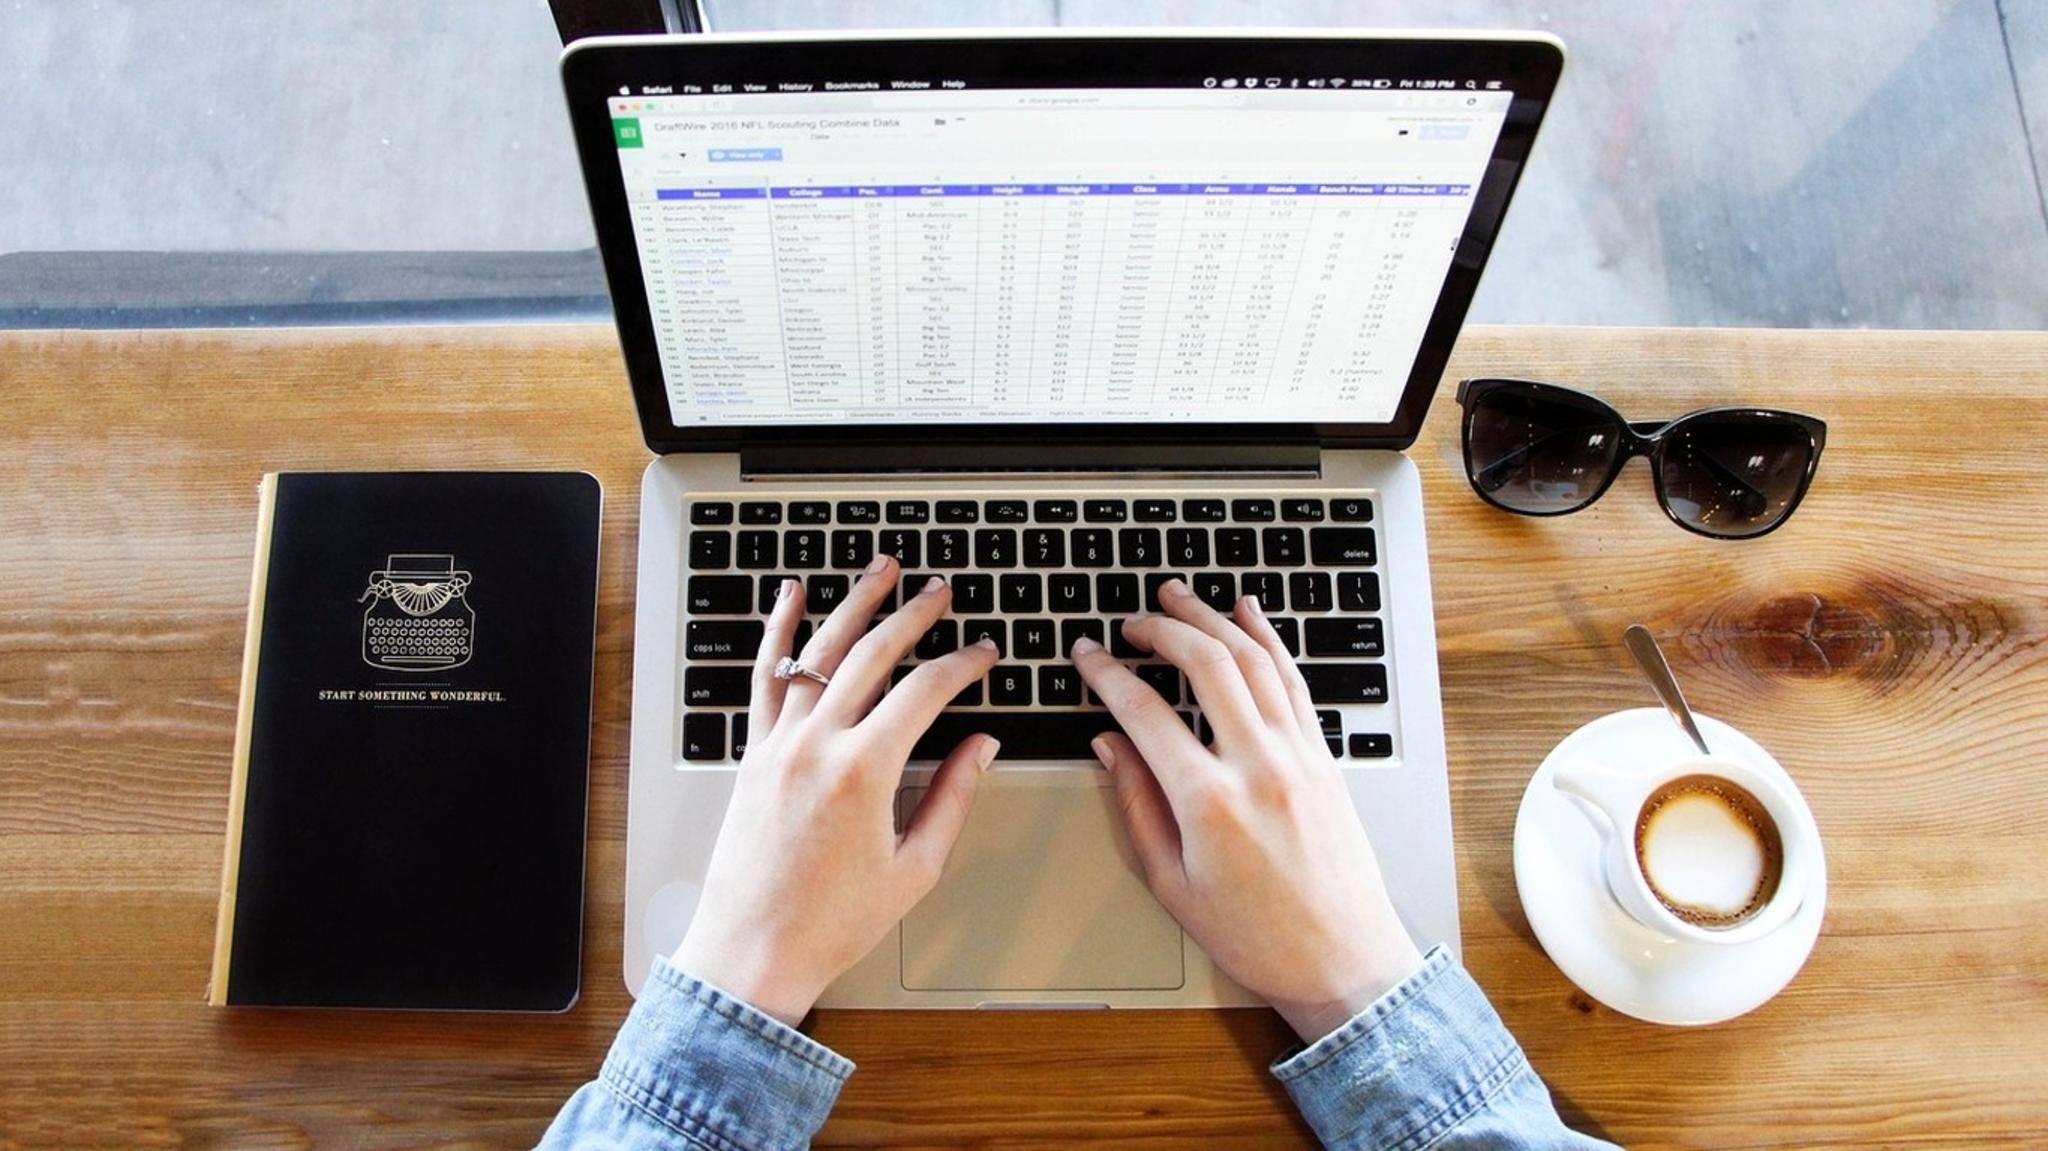 Der Blattschutz lässt sich in Excel ohne große Umstände aufheben.